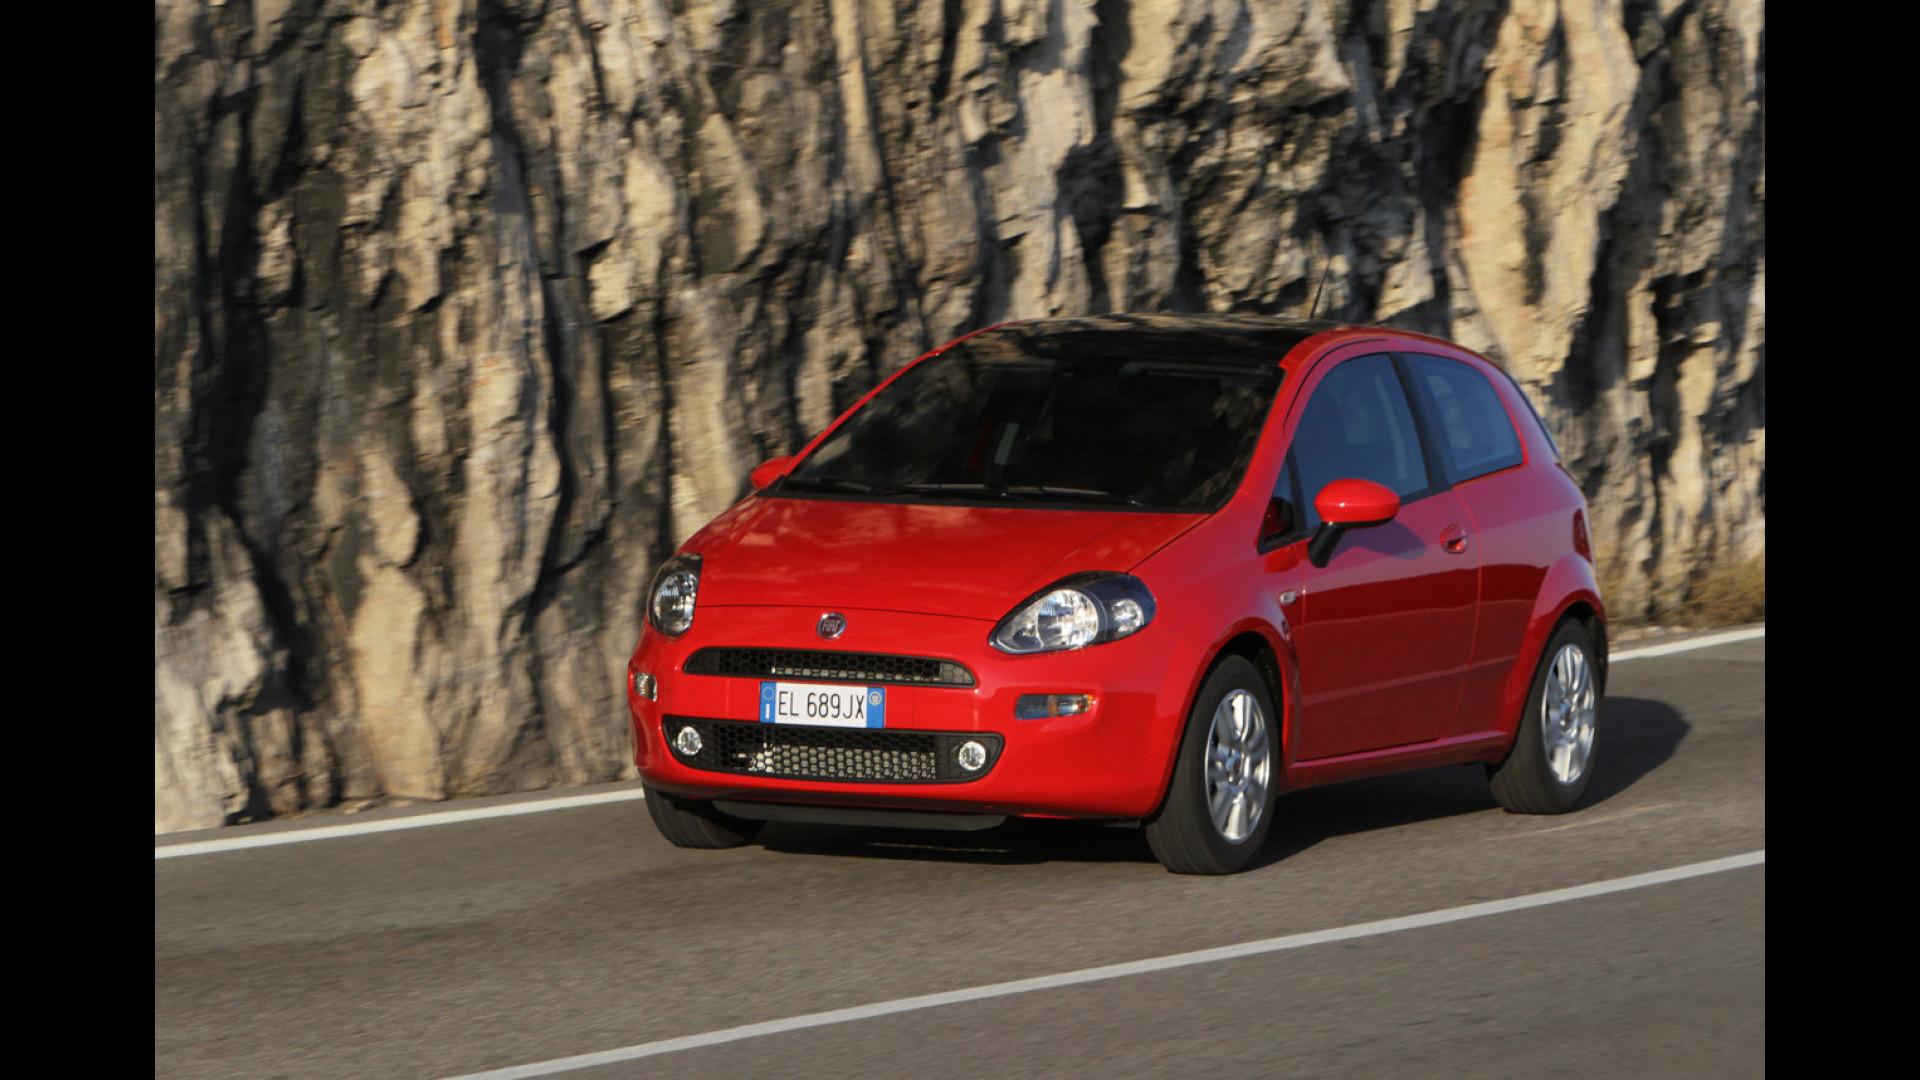 Fiat Punto 2012, votata alla pulizia on fiat coupe, fiat multipla, fiat bravo, fiat cinquecento, fiat 500l, fiat x1/9, fiat stilo, fiat barchetta, fiat doblo, fiat marea, fiat 500 abarth, fiat spider, fiat 500 turbo, fiat panda, fiat seicento, fiat cars, fiat ritmo, fiat linea,